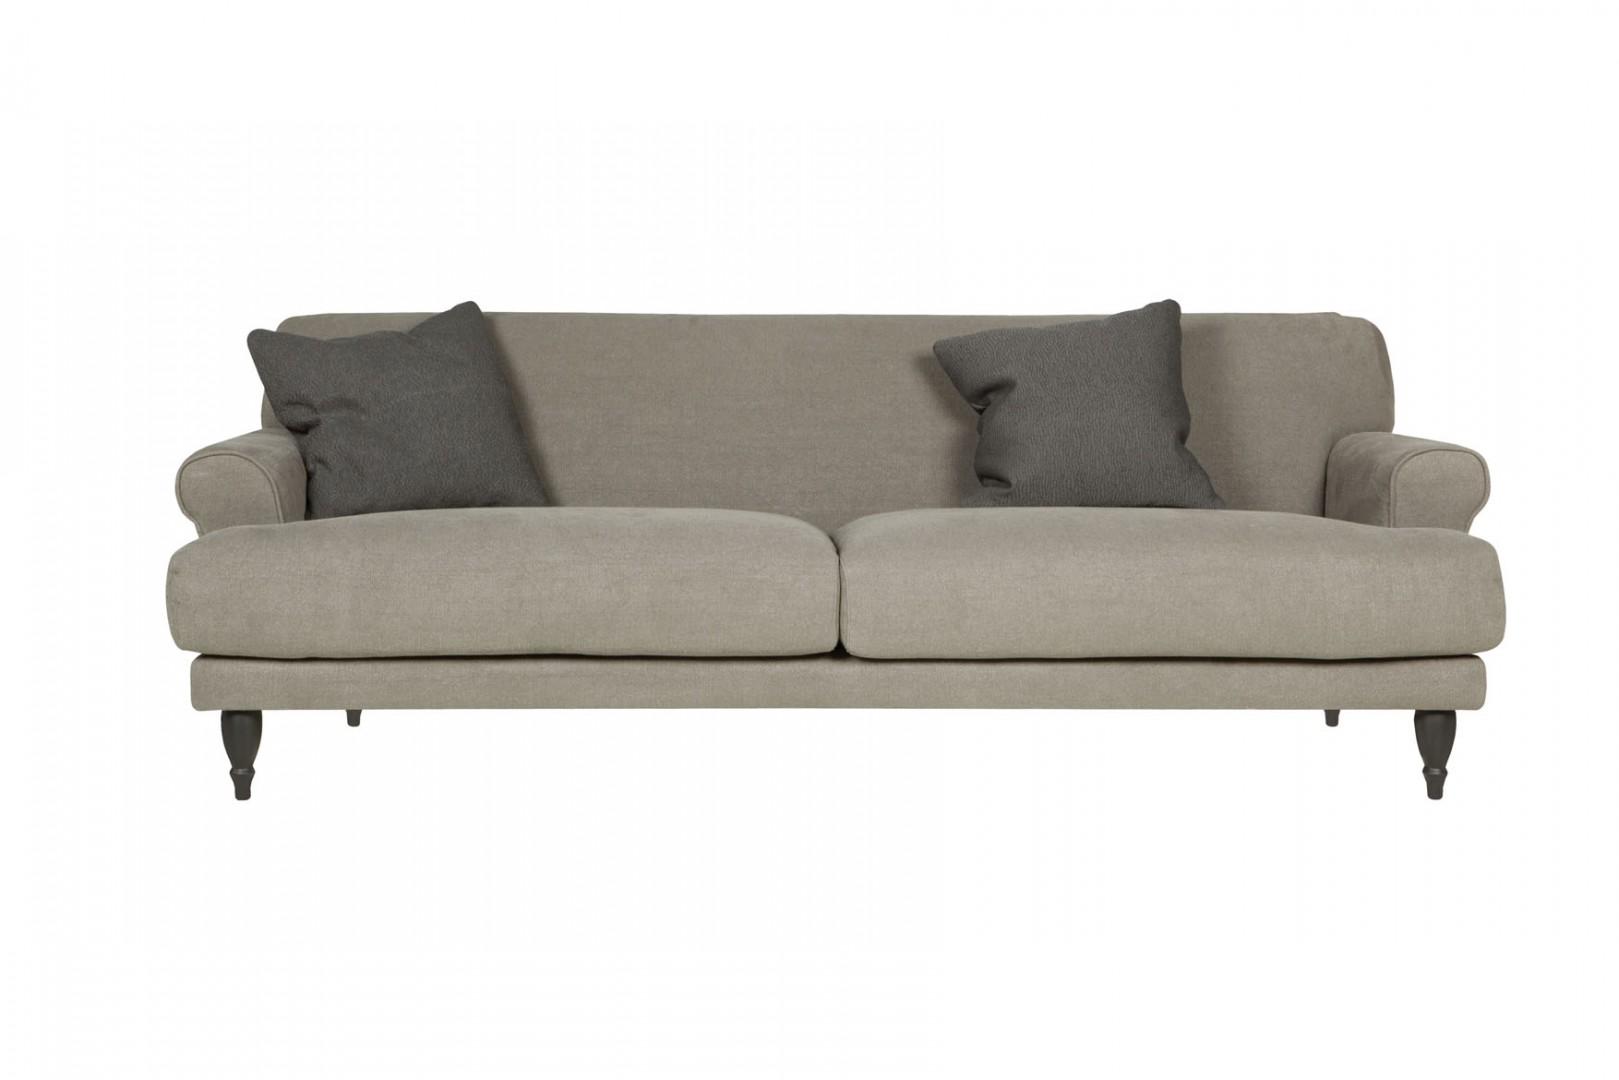 Sofa Rasmus w swojej lnianej odsłonie idealnie wpasuje się we wnętrza przytulne, gdzie panuje rodzinny klimat. Fot. Sits